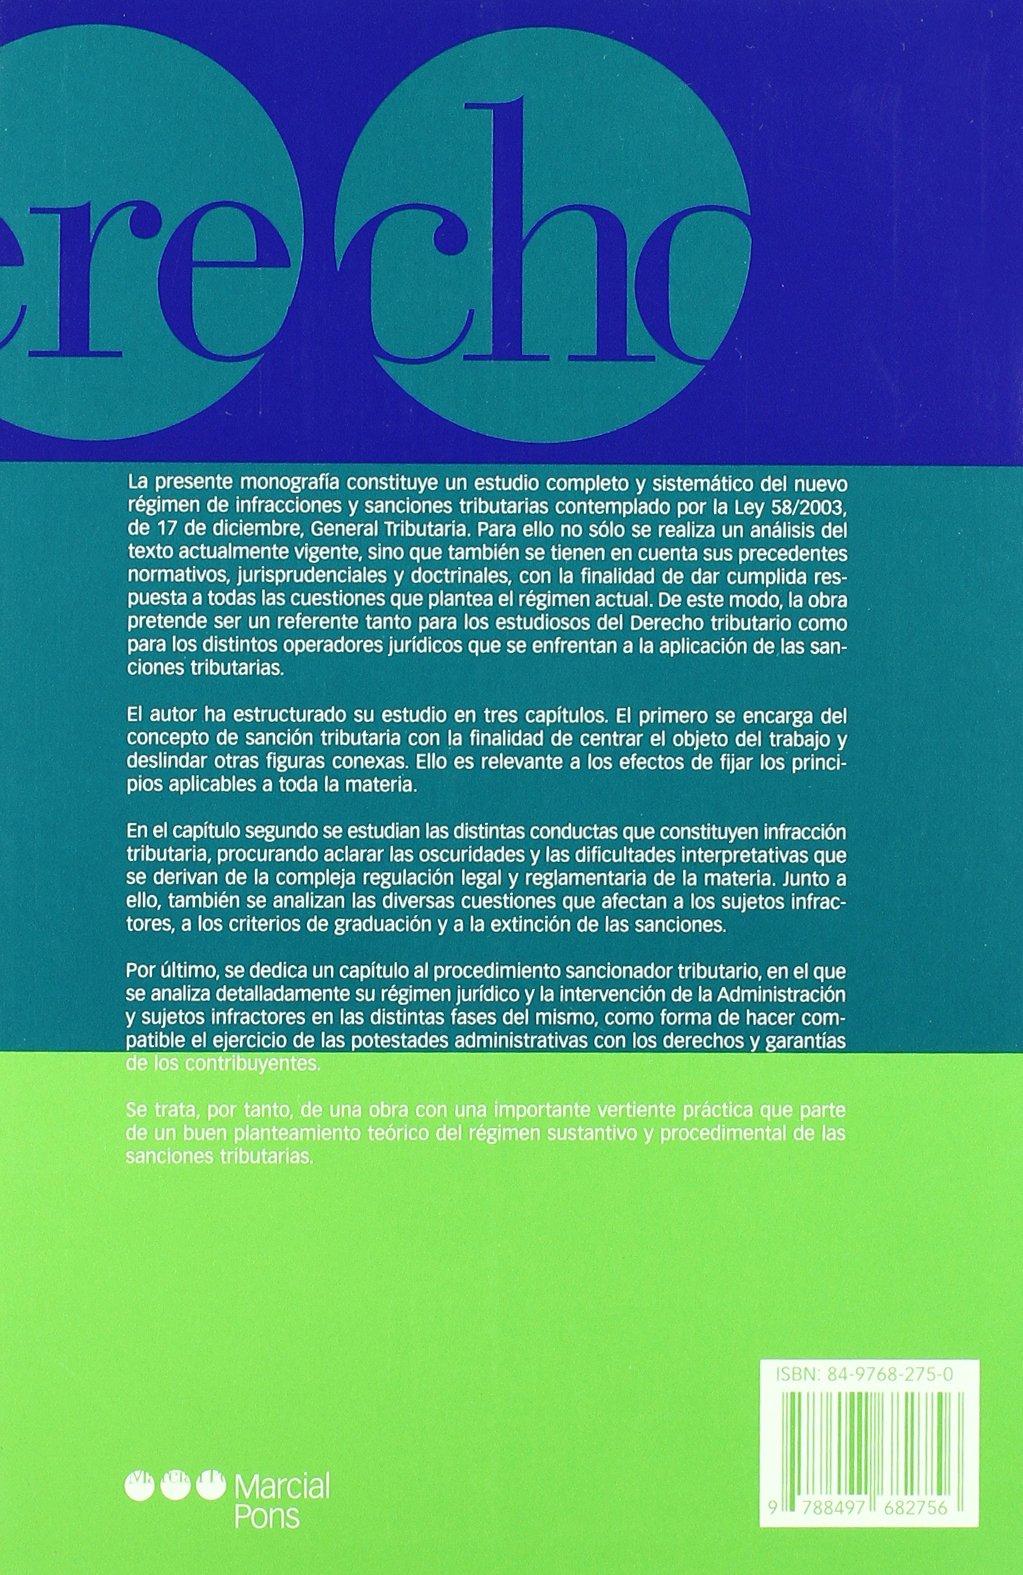 Las sanciones tributarias: Jaime Aneiros Pereira: 9788497682756: Amazon.com: Books